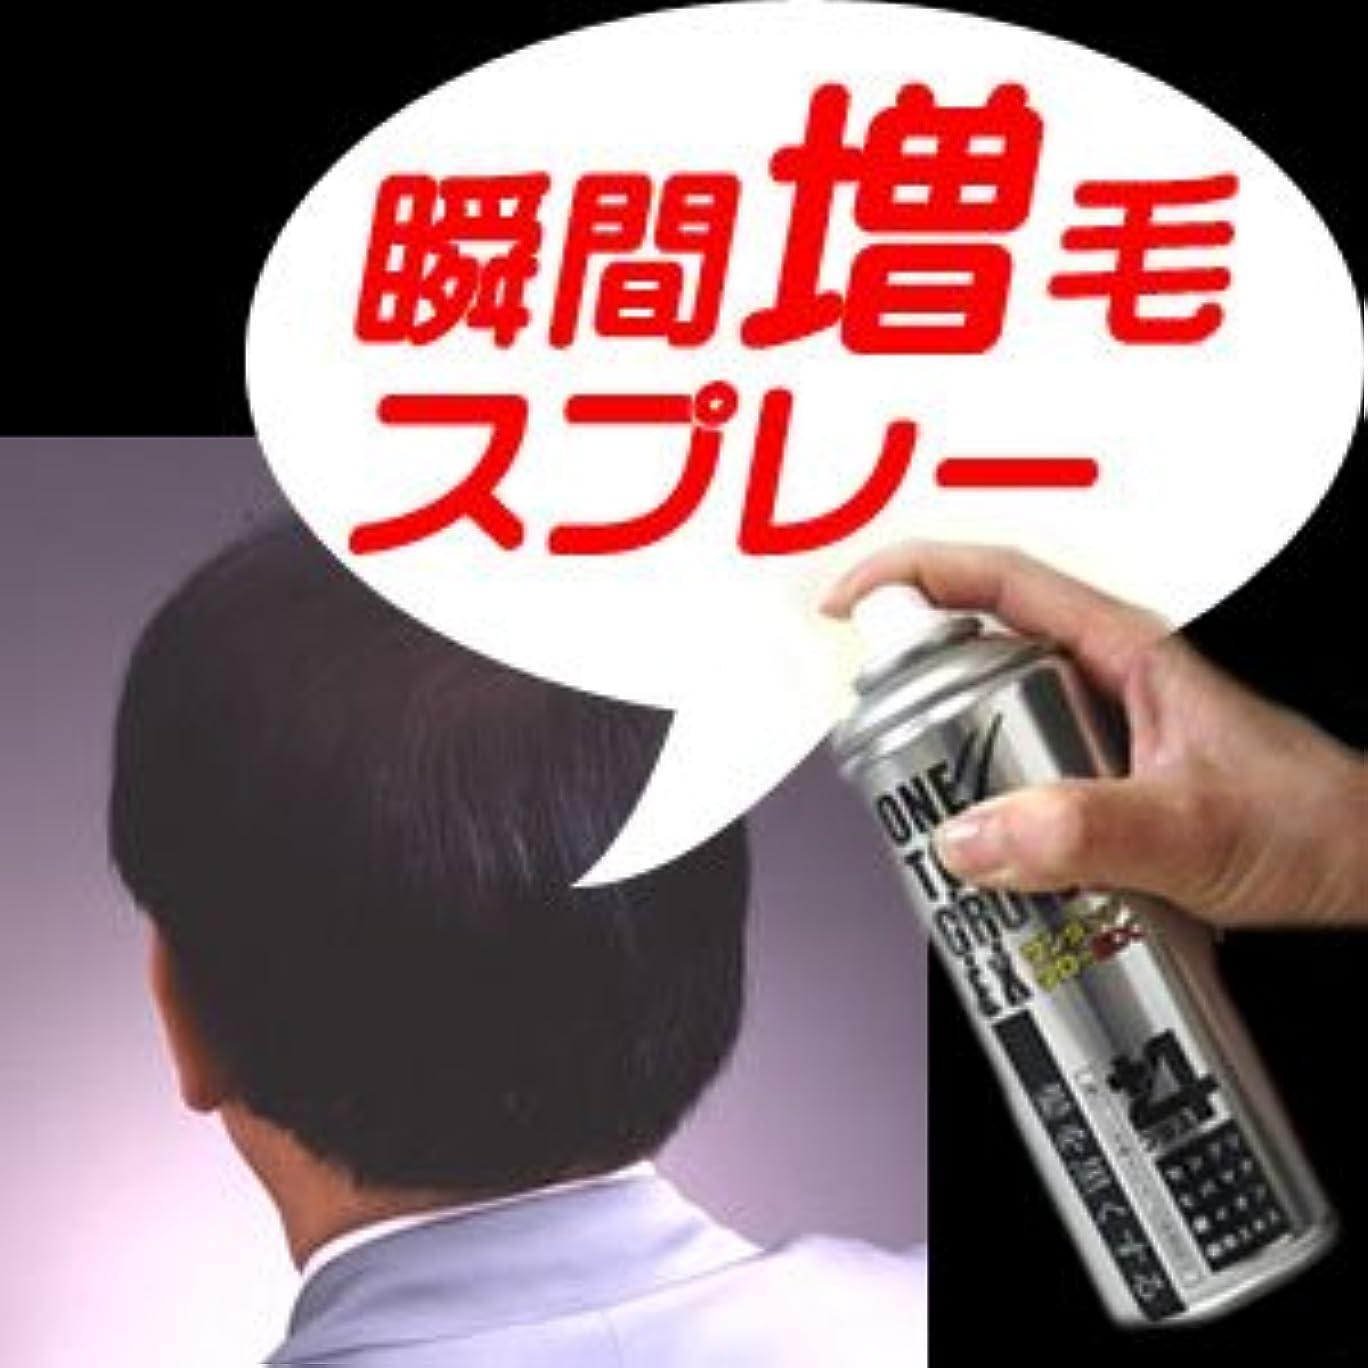 プロトタイプ強化ブロック新瞬間増毛スプレー(男女兼用)『ワンタッチグローEX+4』